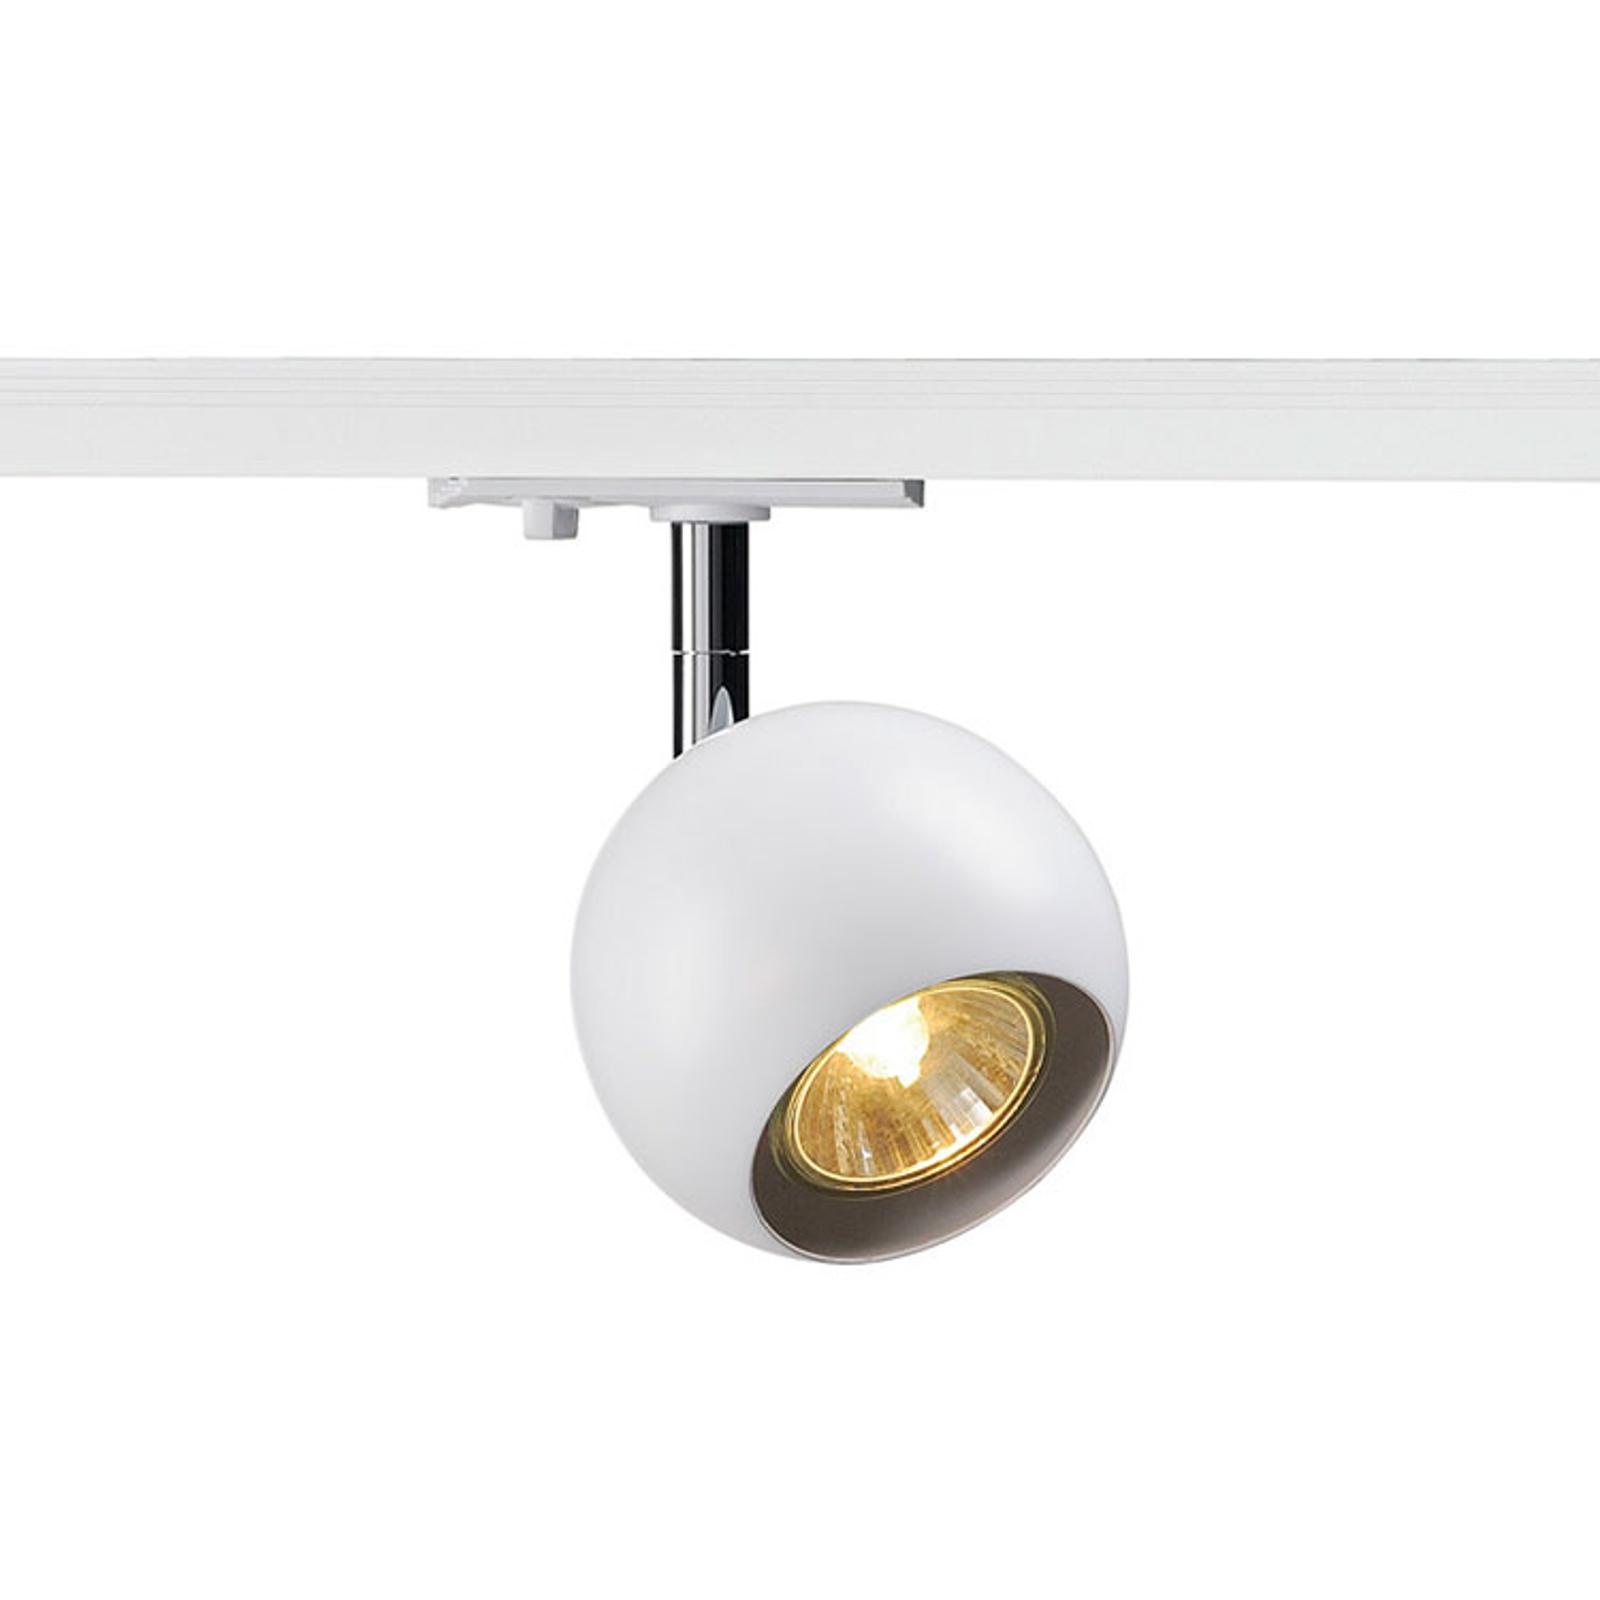 SLV Light Eye 1 Spot für 1-Phasen-Schiene weiß